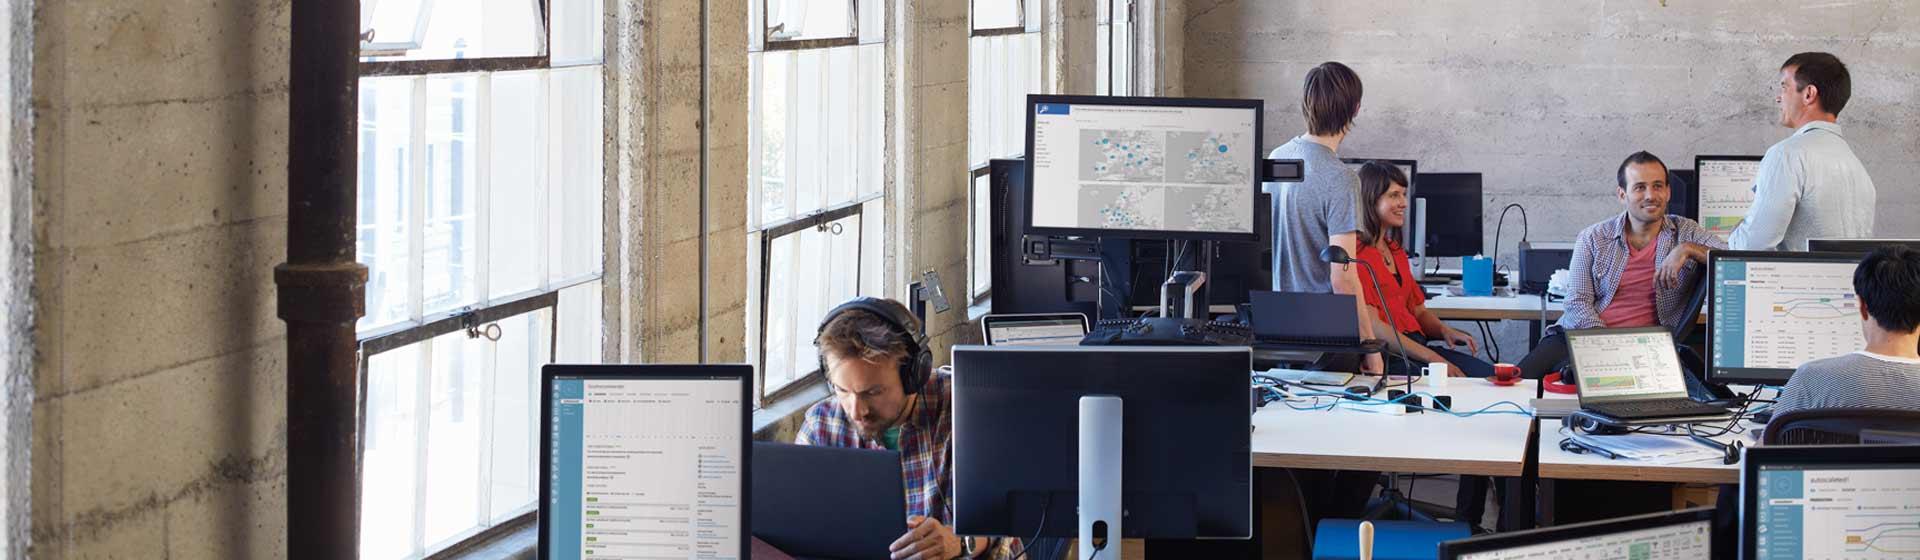 Mehrere Kollegen sitzen und stehen an Schreibtischen und verwenden Computer mit Office 365.